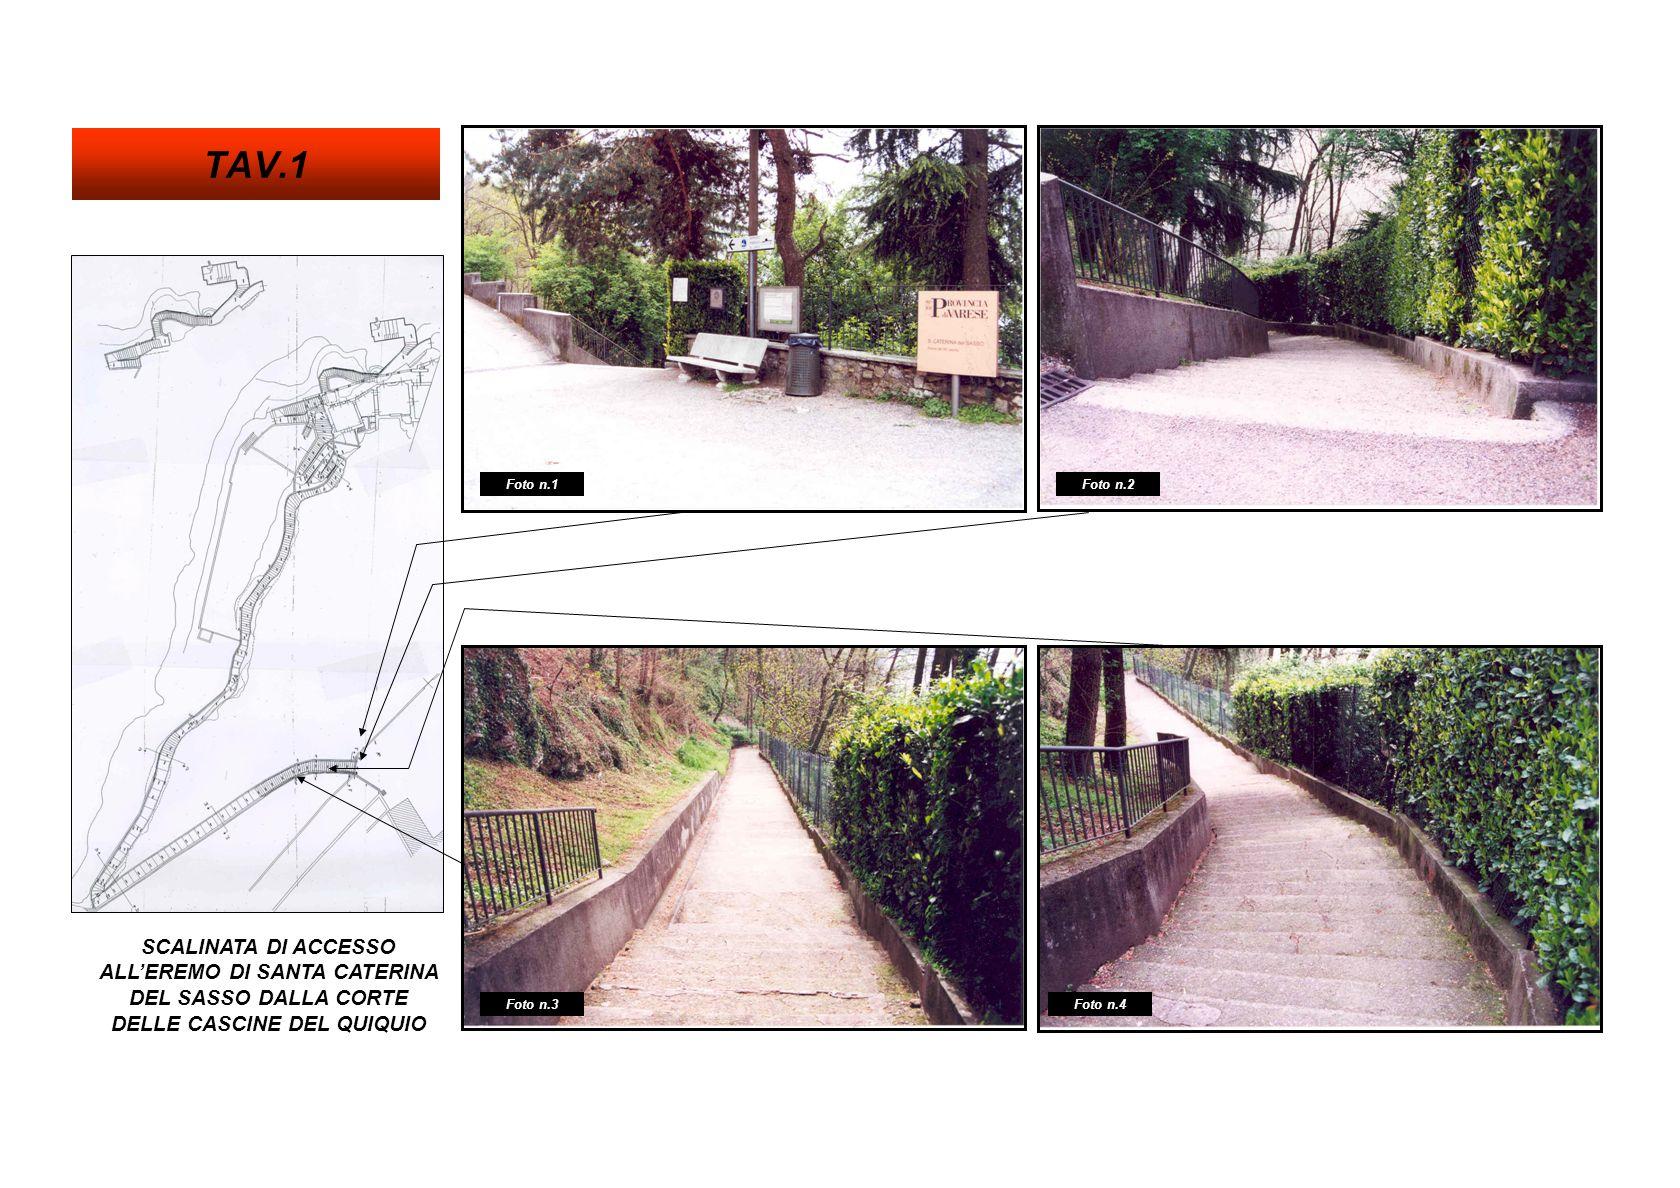 SCALINATA DI ACCESSO ALLEREMO DI SANTA CATERINA DEL SASSO DALLA CORTE DELLE CASCINE DEL QUIQUIO Foto n.8 Foto n.6 Foto n.7 Foto n.5 TAV.2